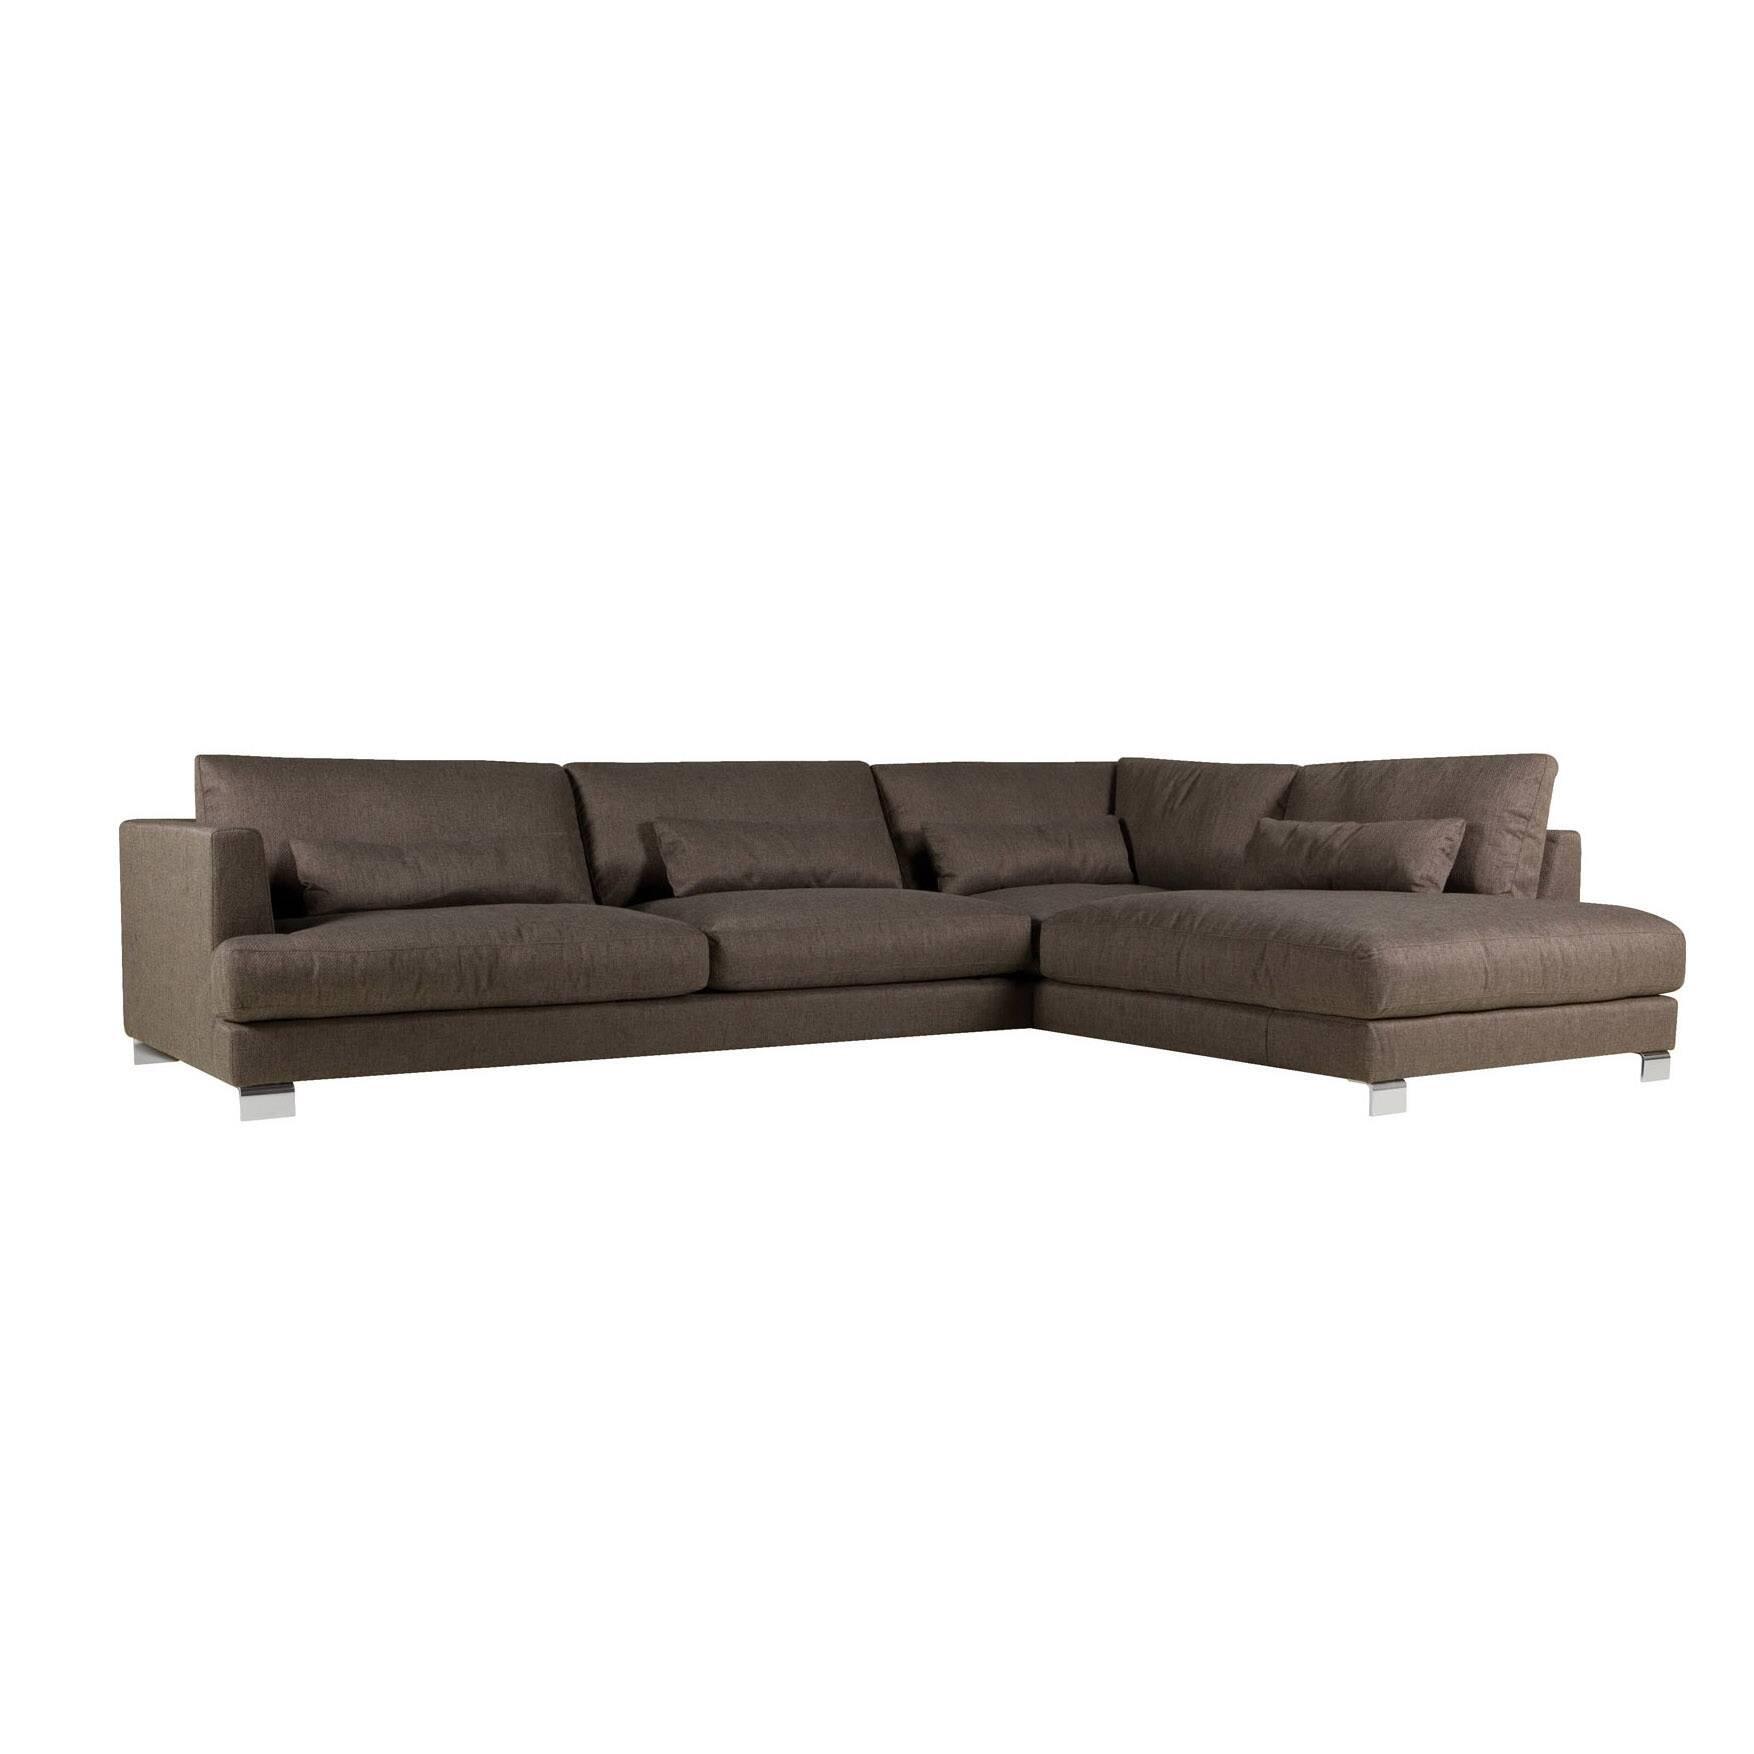 Угловой диван Brandon 1 правосторонний длина 345Угловые<br>Дизайнерский тёмный тканевый диван Brandon (Брэндон) на стальных ножках от Sits (Ситс).<br> Изысканный дизайн углового дивана Brandon 1 правосторонний длина 345 разработан ведущими дизайнерами компании мягкой мебели Sits. Диван выполнен в лучших традициях классического стиля. Диван представлен в двух вариантах: темно-коричневого цвета и насыщенного цвета баклажана. Есть в нем, однако, и черта, относящая его и к современному стилю, это хромированные стальные ножки, которые весьма успешно гармон...<br><br>stock: 0<br>Высота: 83<br>Высота сиденья: 46<br>Глубина: 108<br>Длина: 345<br>Цвет ножек: Хром<br>Материал обивки: Полипропилен, Полиэстер<br>Степень комфортности: Люкс<br>Форма подлокотников: Стандарт<br>Коллекция ткани: Категория ткани II<br>Тип материала обивки: Ткань<br>Тип материала ножек: Сталь нержавеющая<br>Длина шезлонга (см): 235<br>Цвет обивки: Тёмно-коричневый